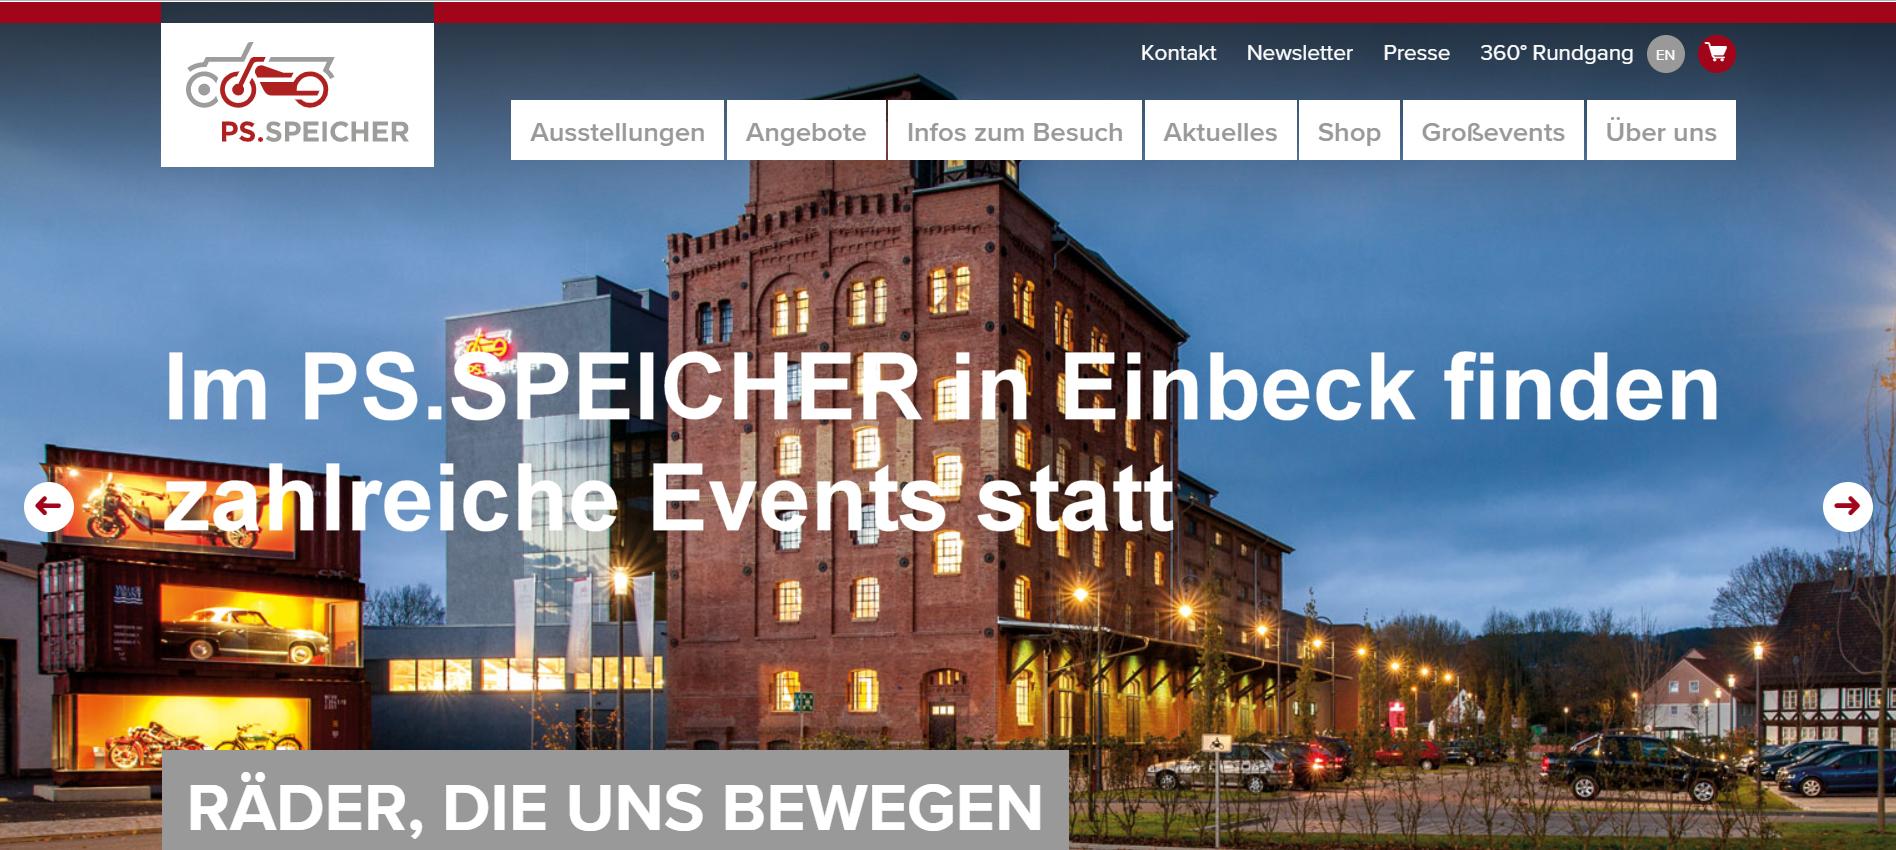 PS, SPEICHER, Einbeck, Oldtimertage